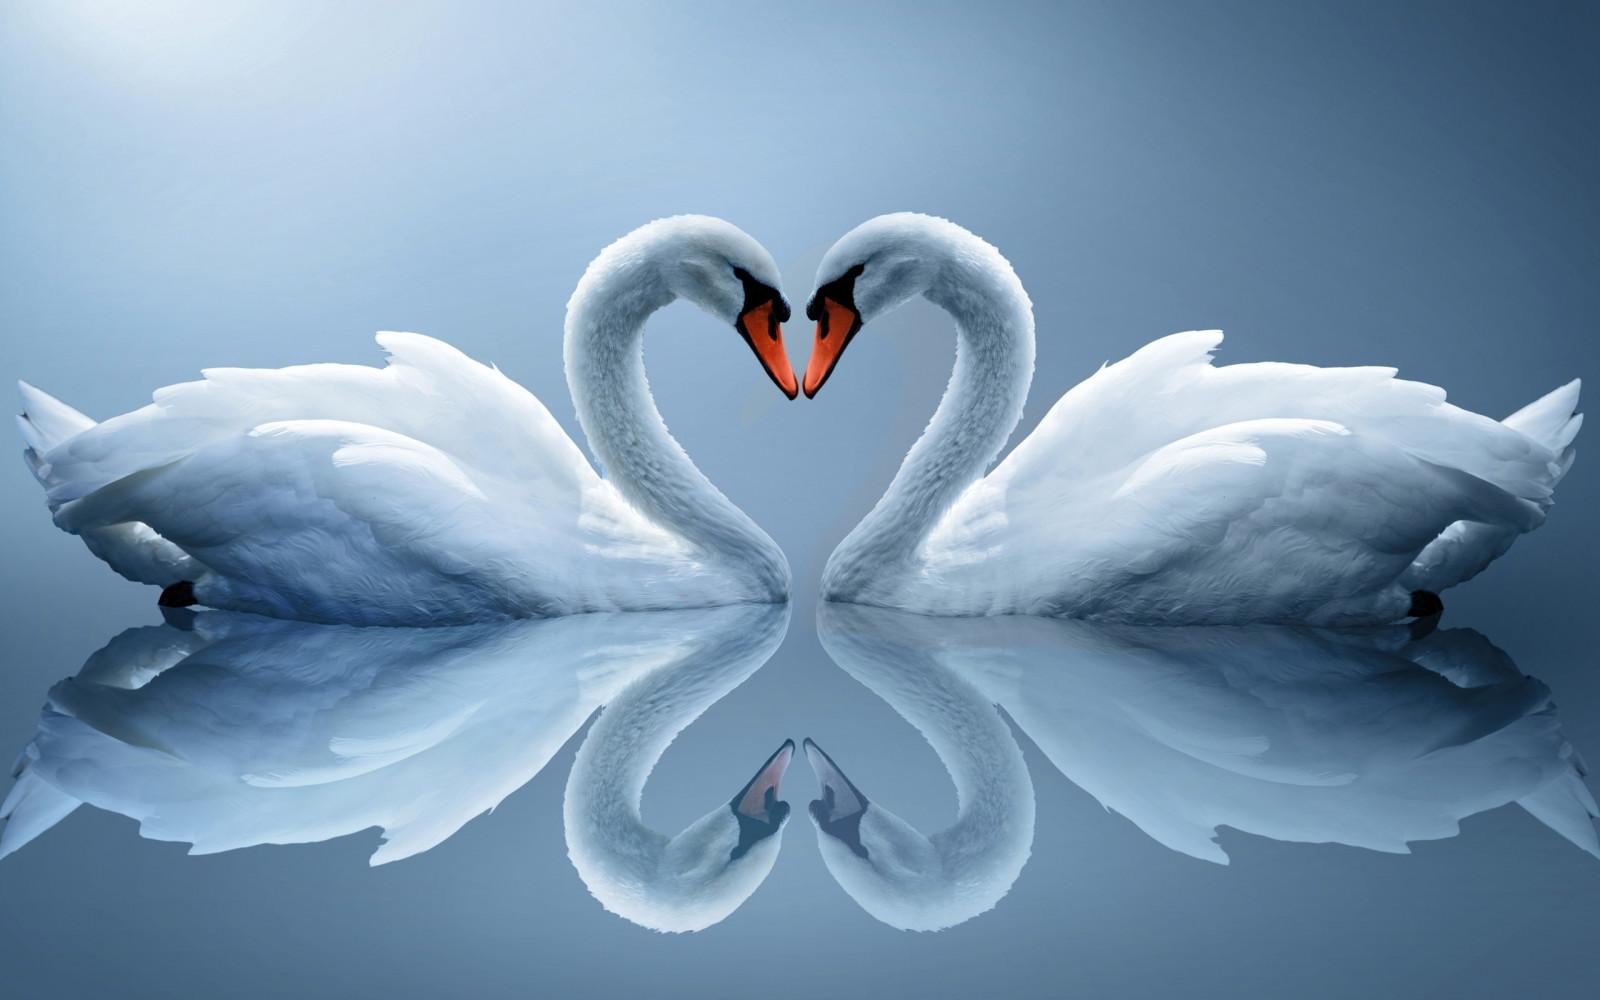 Слушать и скачать бесплатно в хорошем качестве на skydiver42.ru песни о любви.